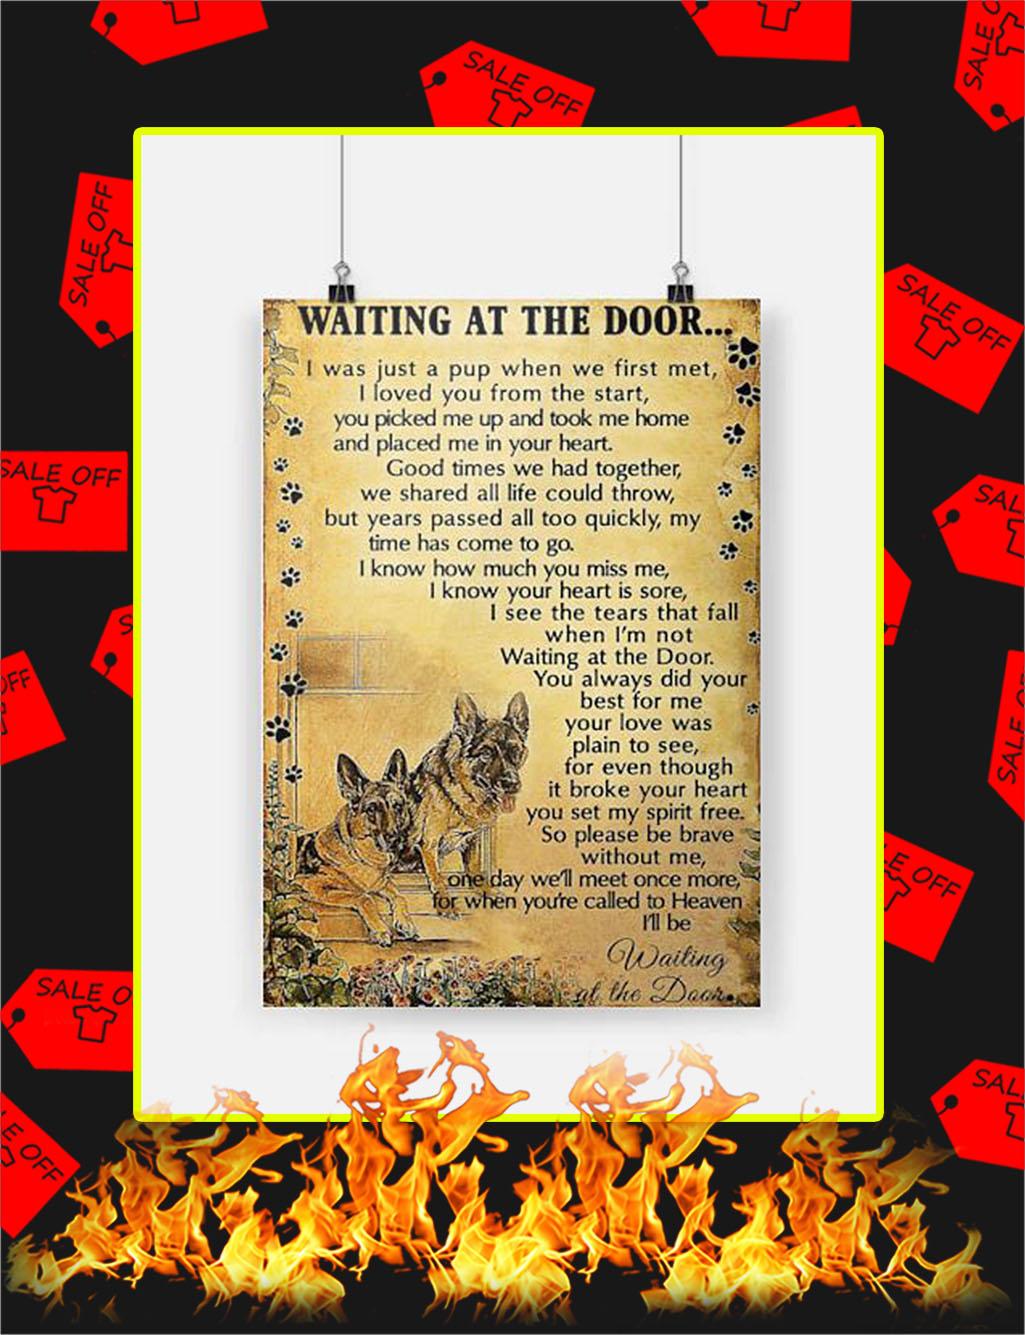 German Shepherd Waiting At The Door Poster - A4